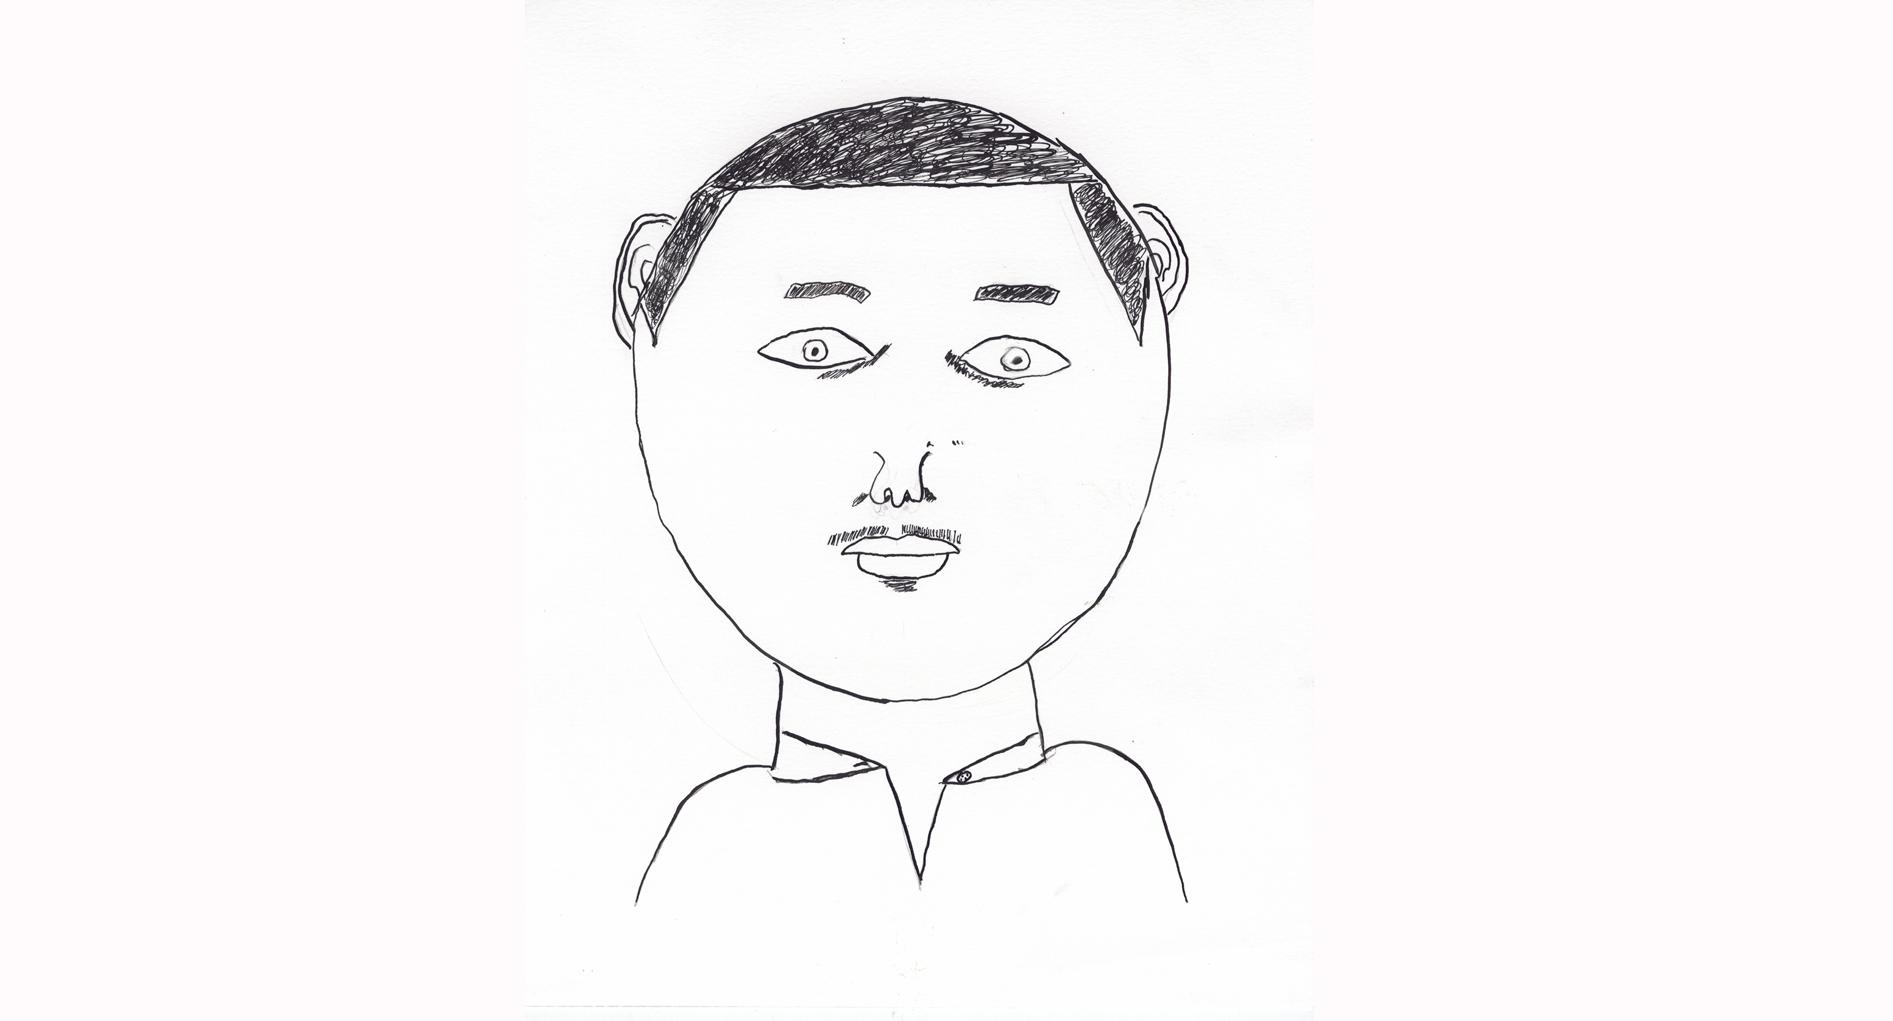 Robert's self portrait